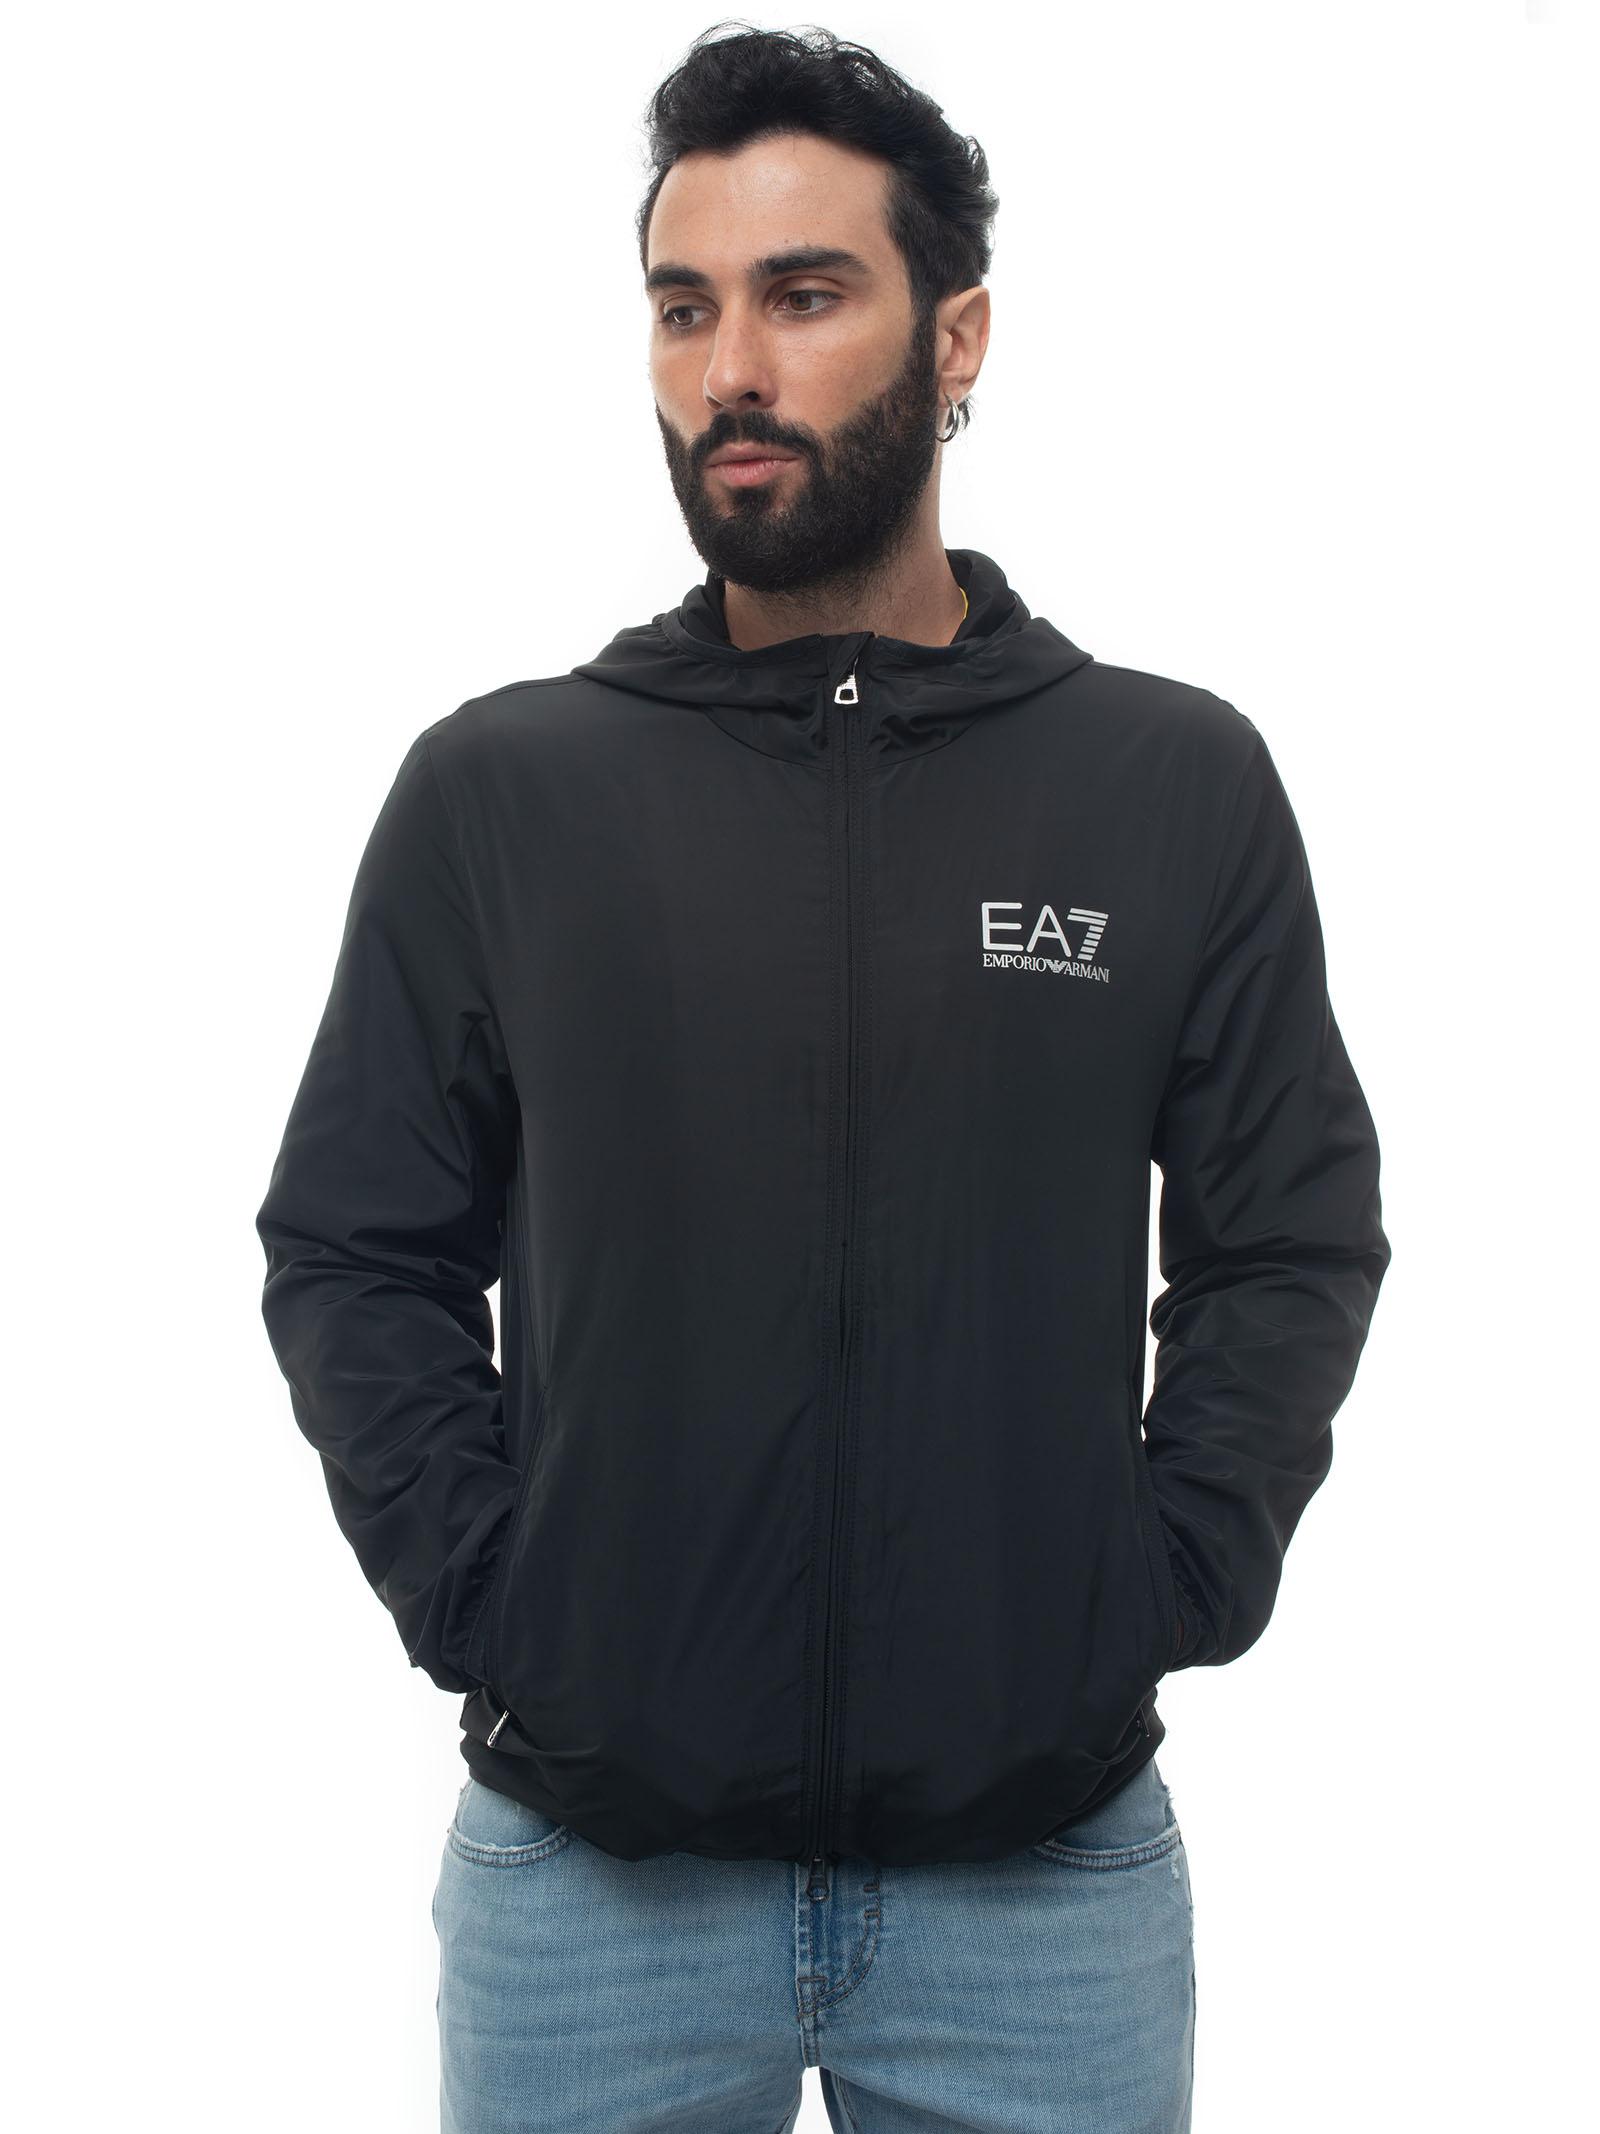 Ea7 Windbreaker Jacket Black Polyester Man In White